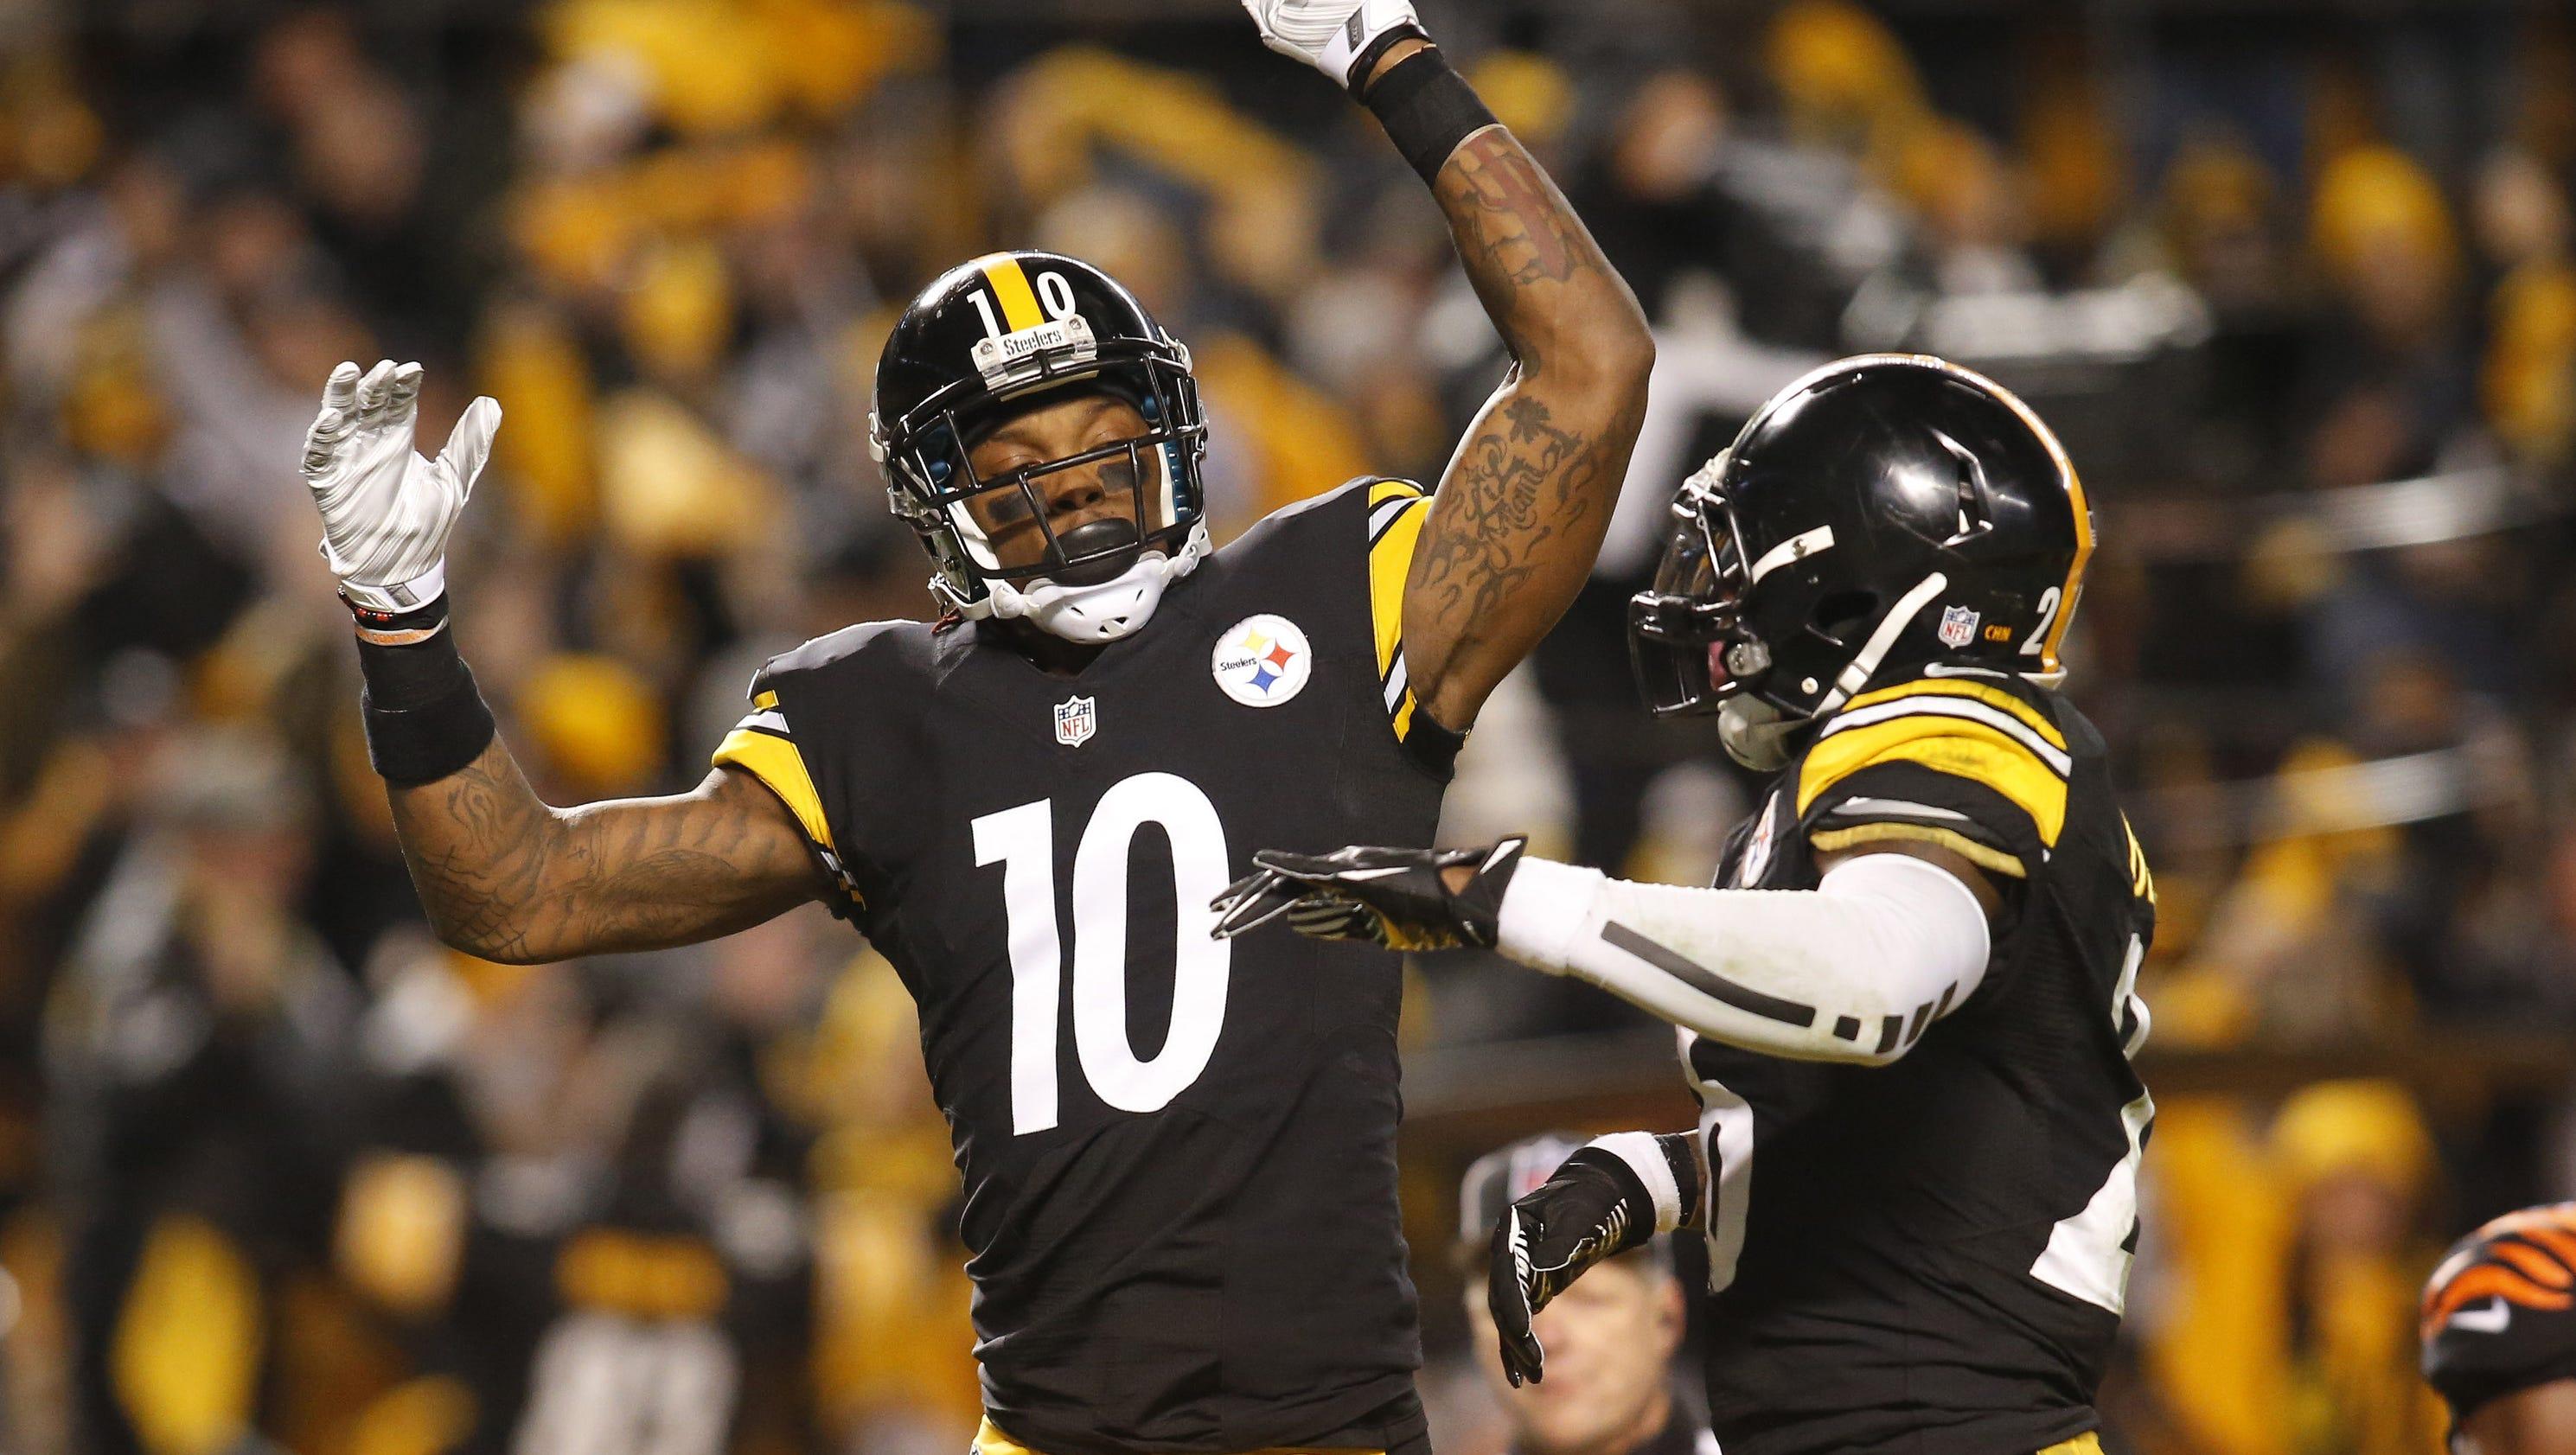 Steelers WR Martavis Bryant applies for reinstatement